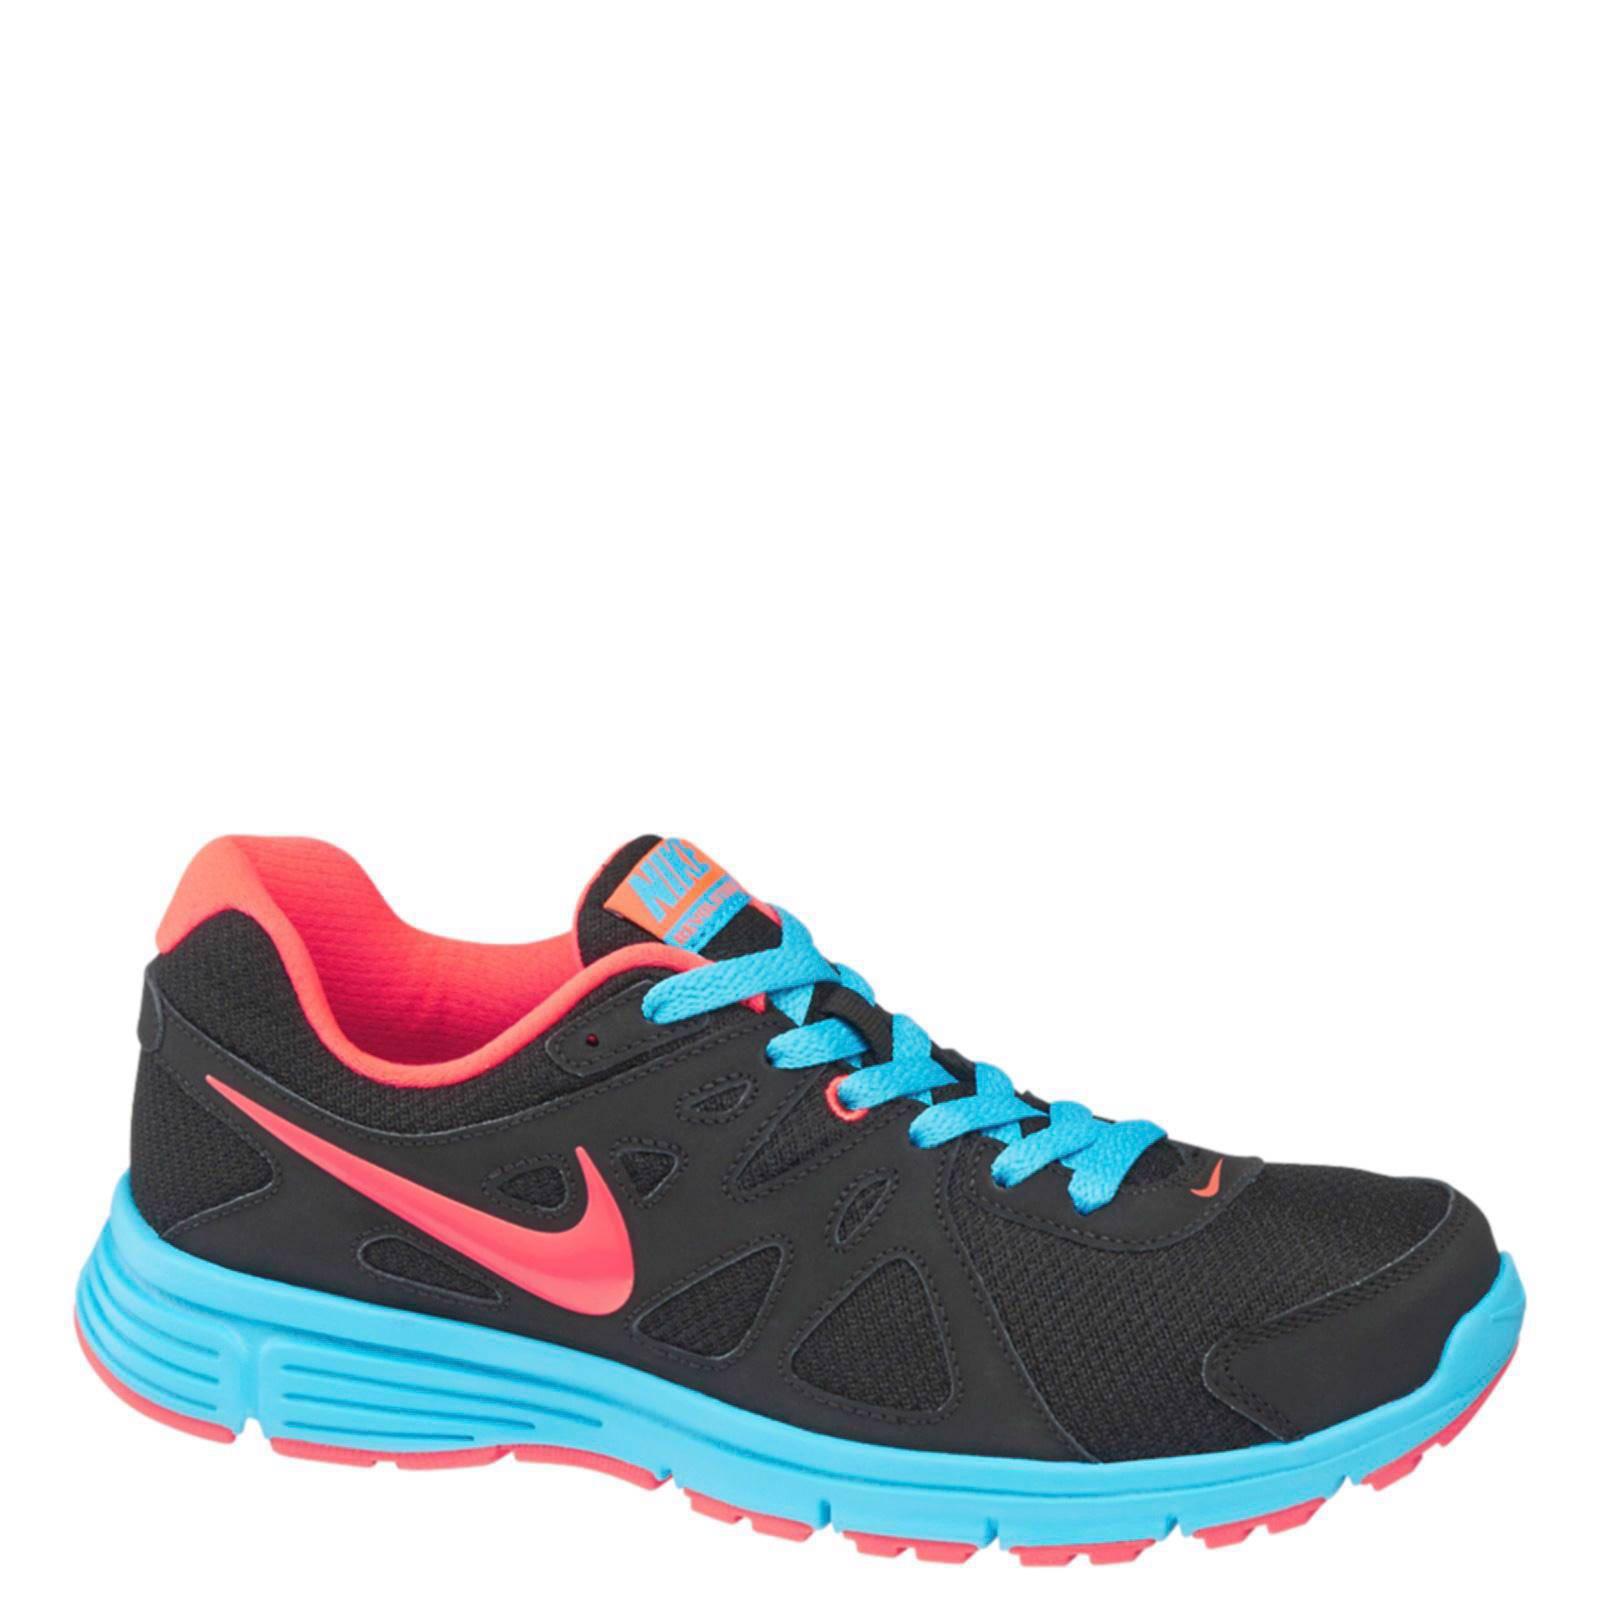 Nike Nike Dames Dames Nike SportschoenenWehkamp Nike